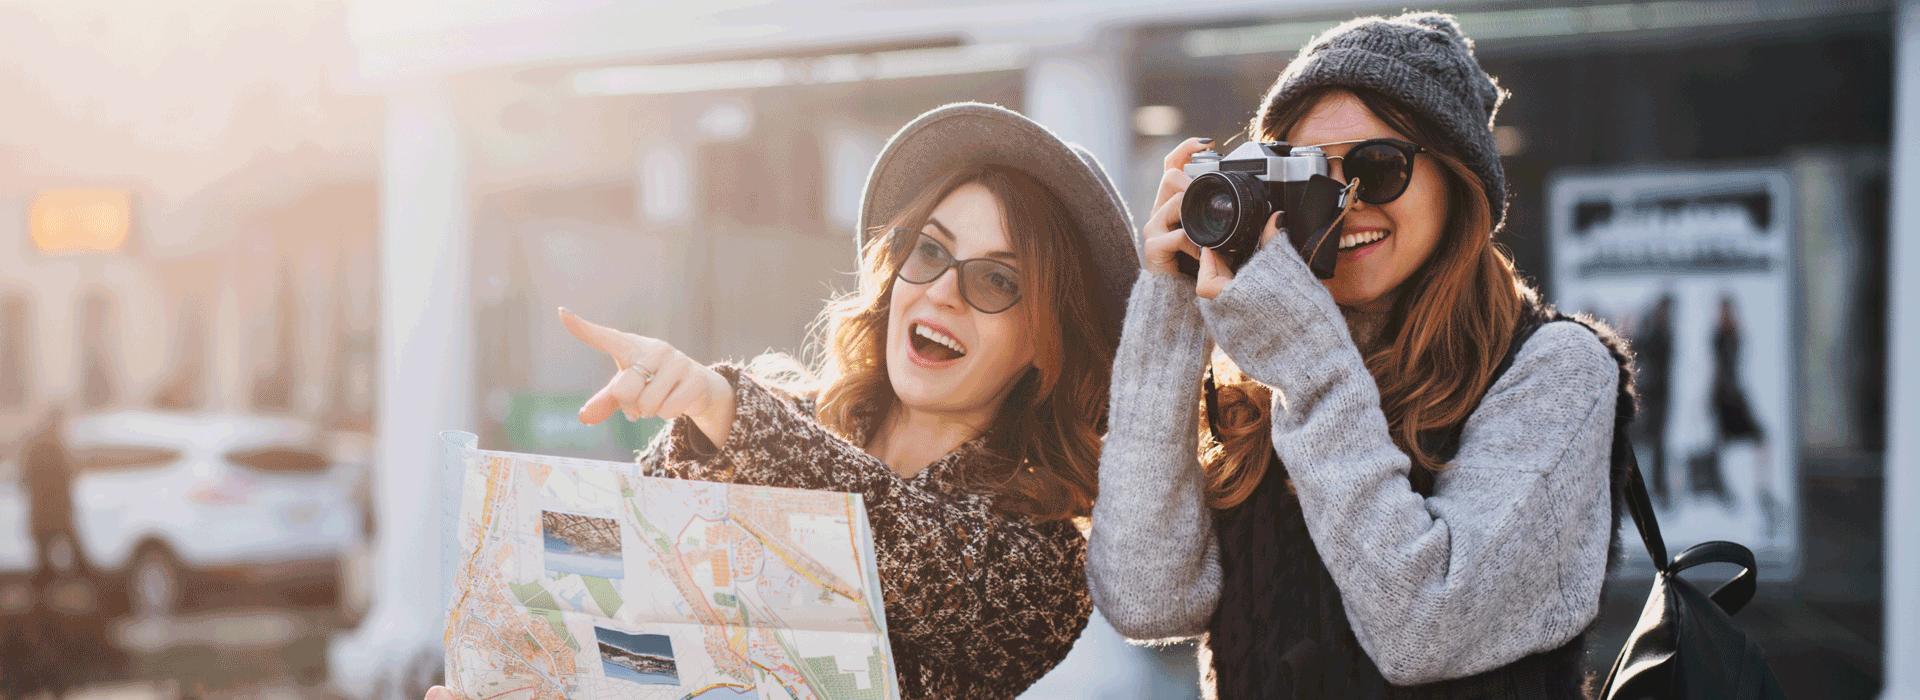 想出國旅遊、創業、讀書?只要四步驟就可以實現夢想